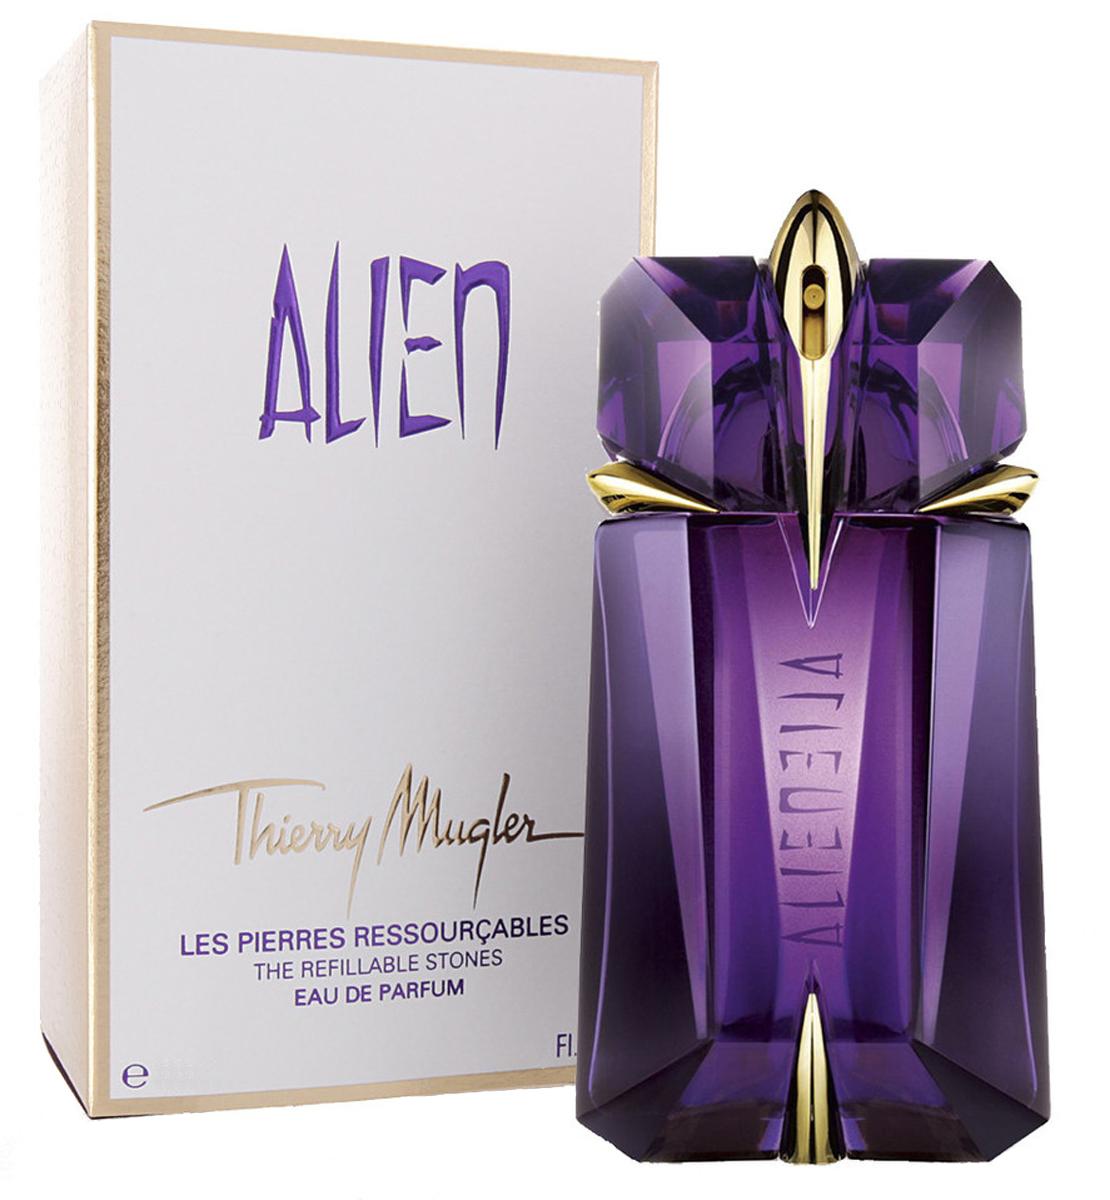 Thierry Mugler Парфюмированная вода Alien, женская, 30 мл1301210Древесные, ориентальные. Жасмин, древесина, амбра.